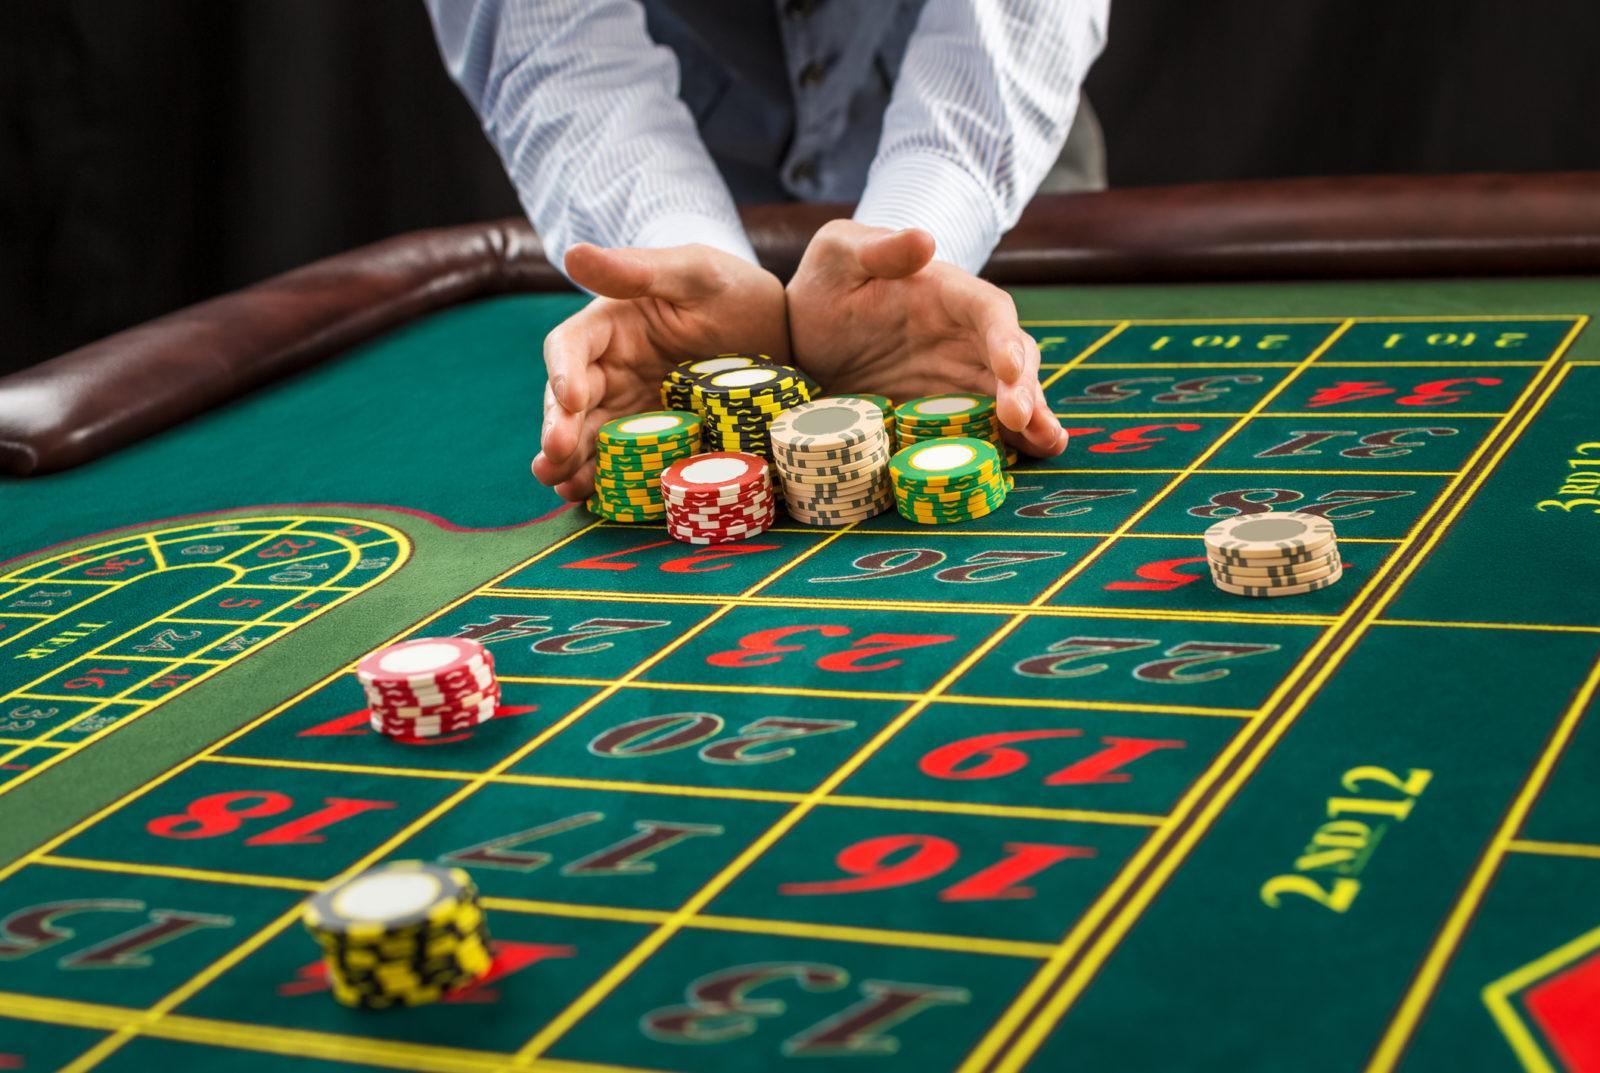 играть онлайн бесплатно в онлайн казино